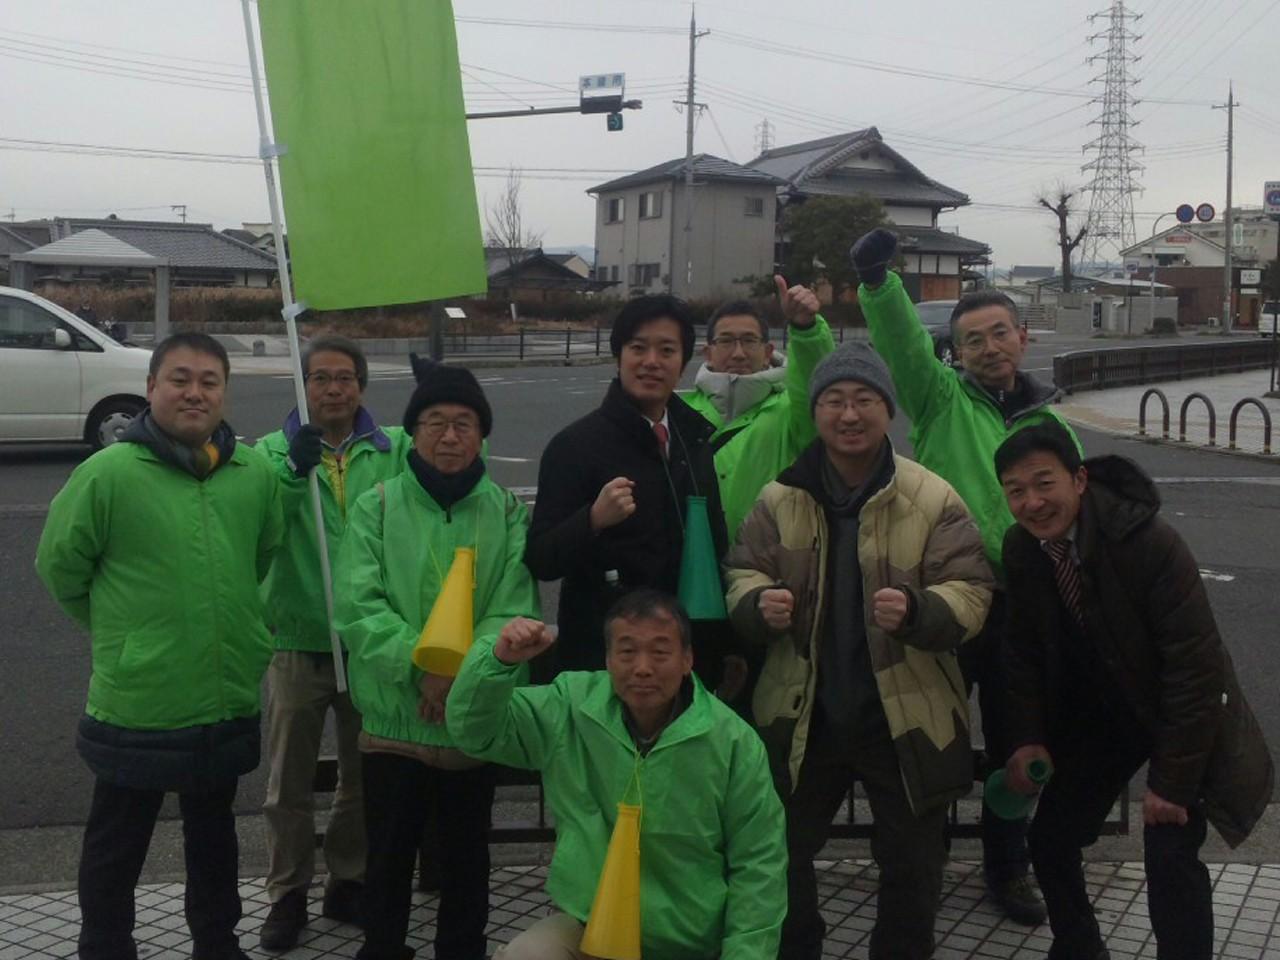 【岸和田市長選挙】桃太郎やってま〜す!